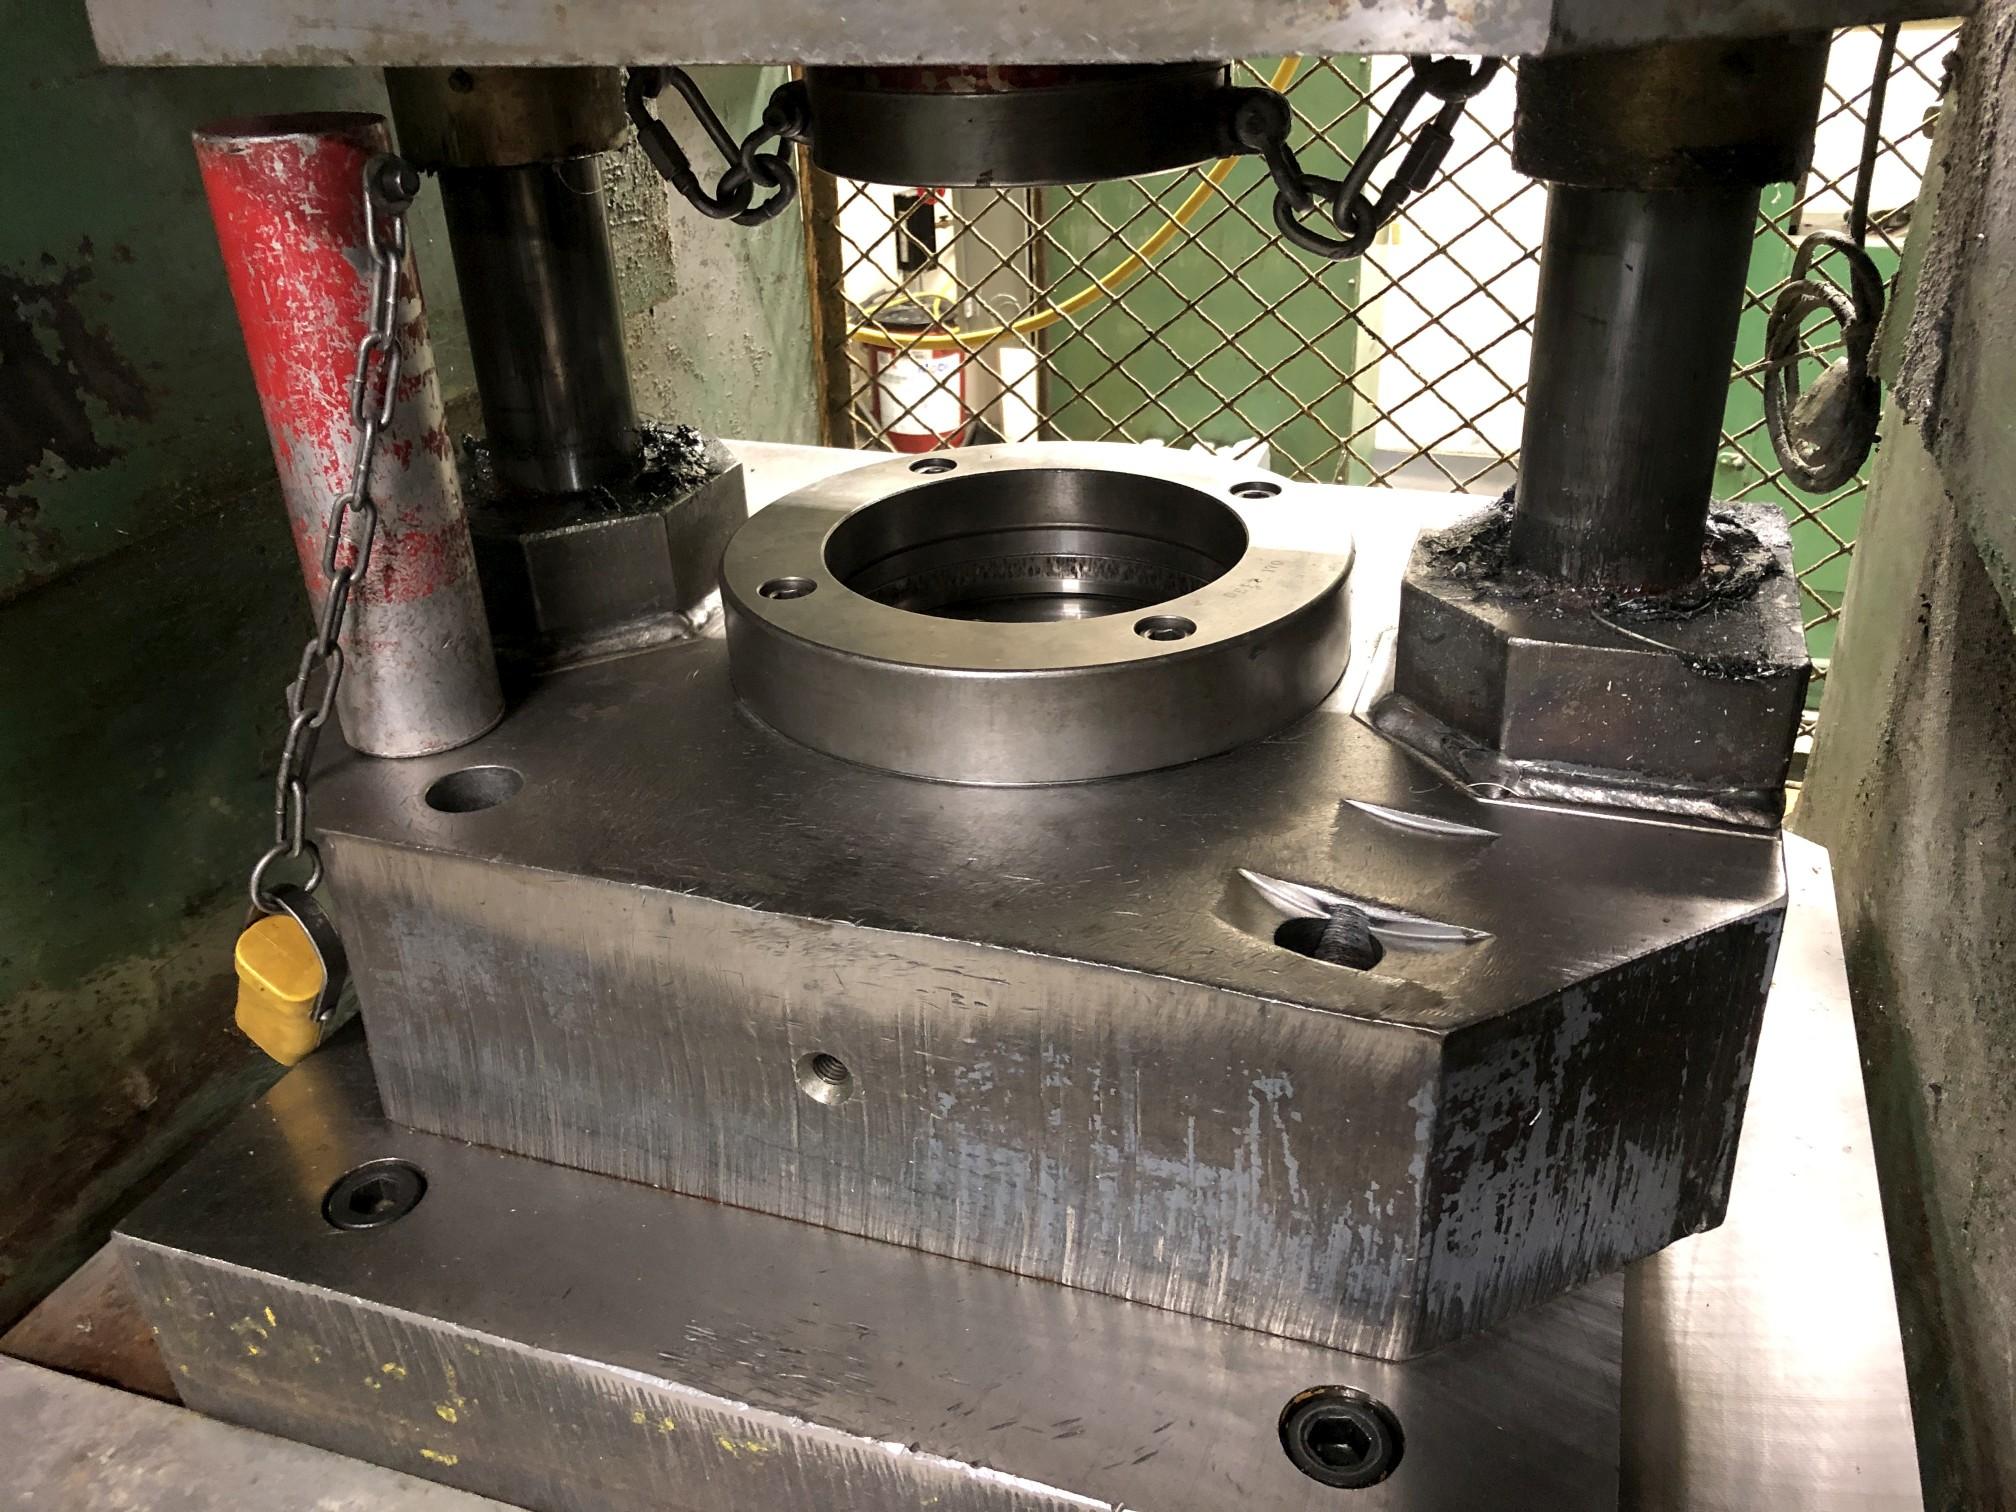 800 Ton Komatsu Maypress Knuckle Joint Press - Image 4 of 18